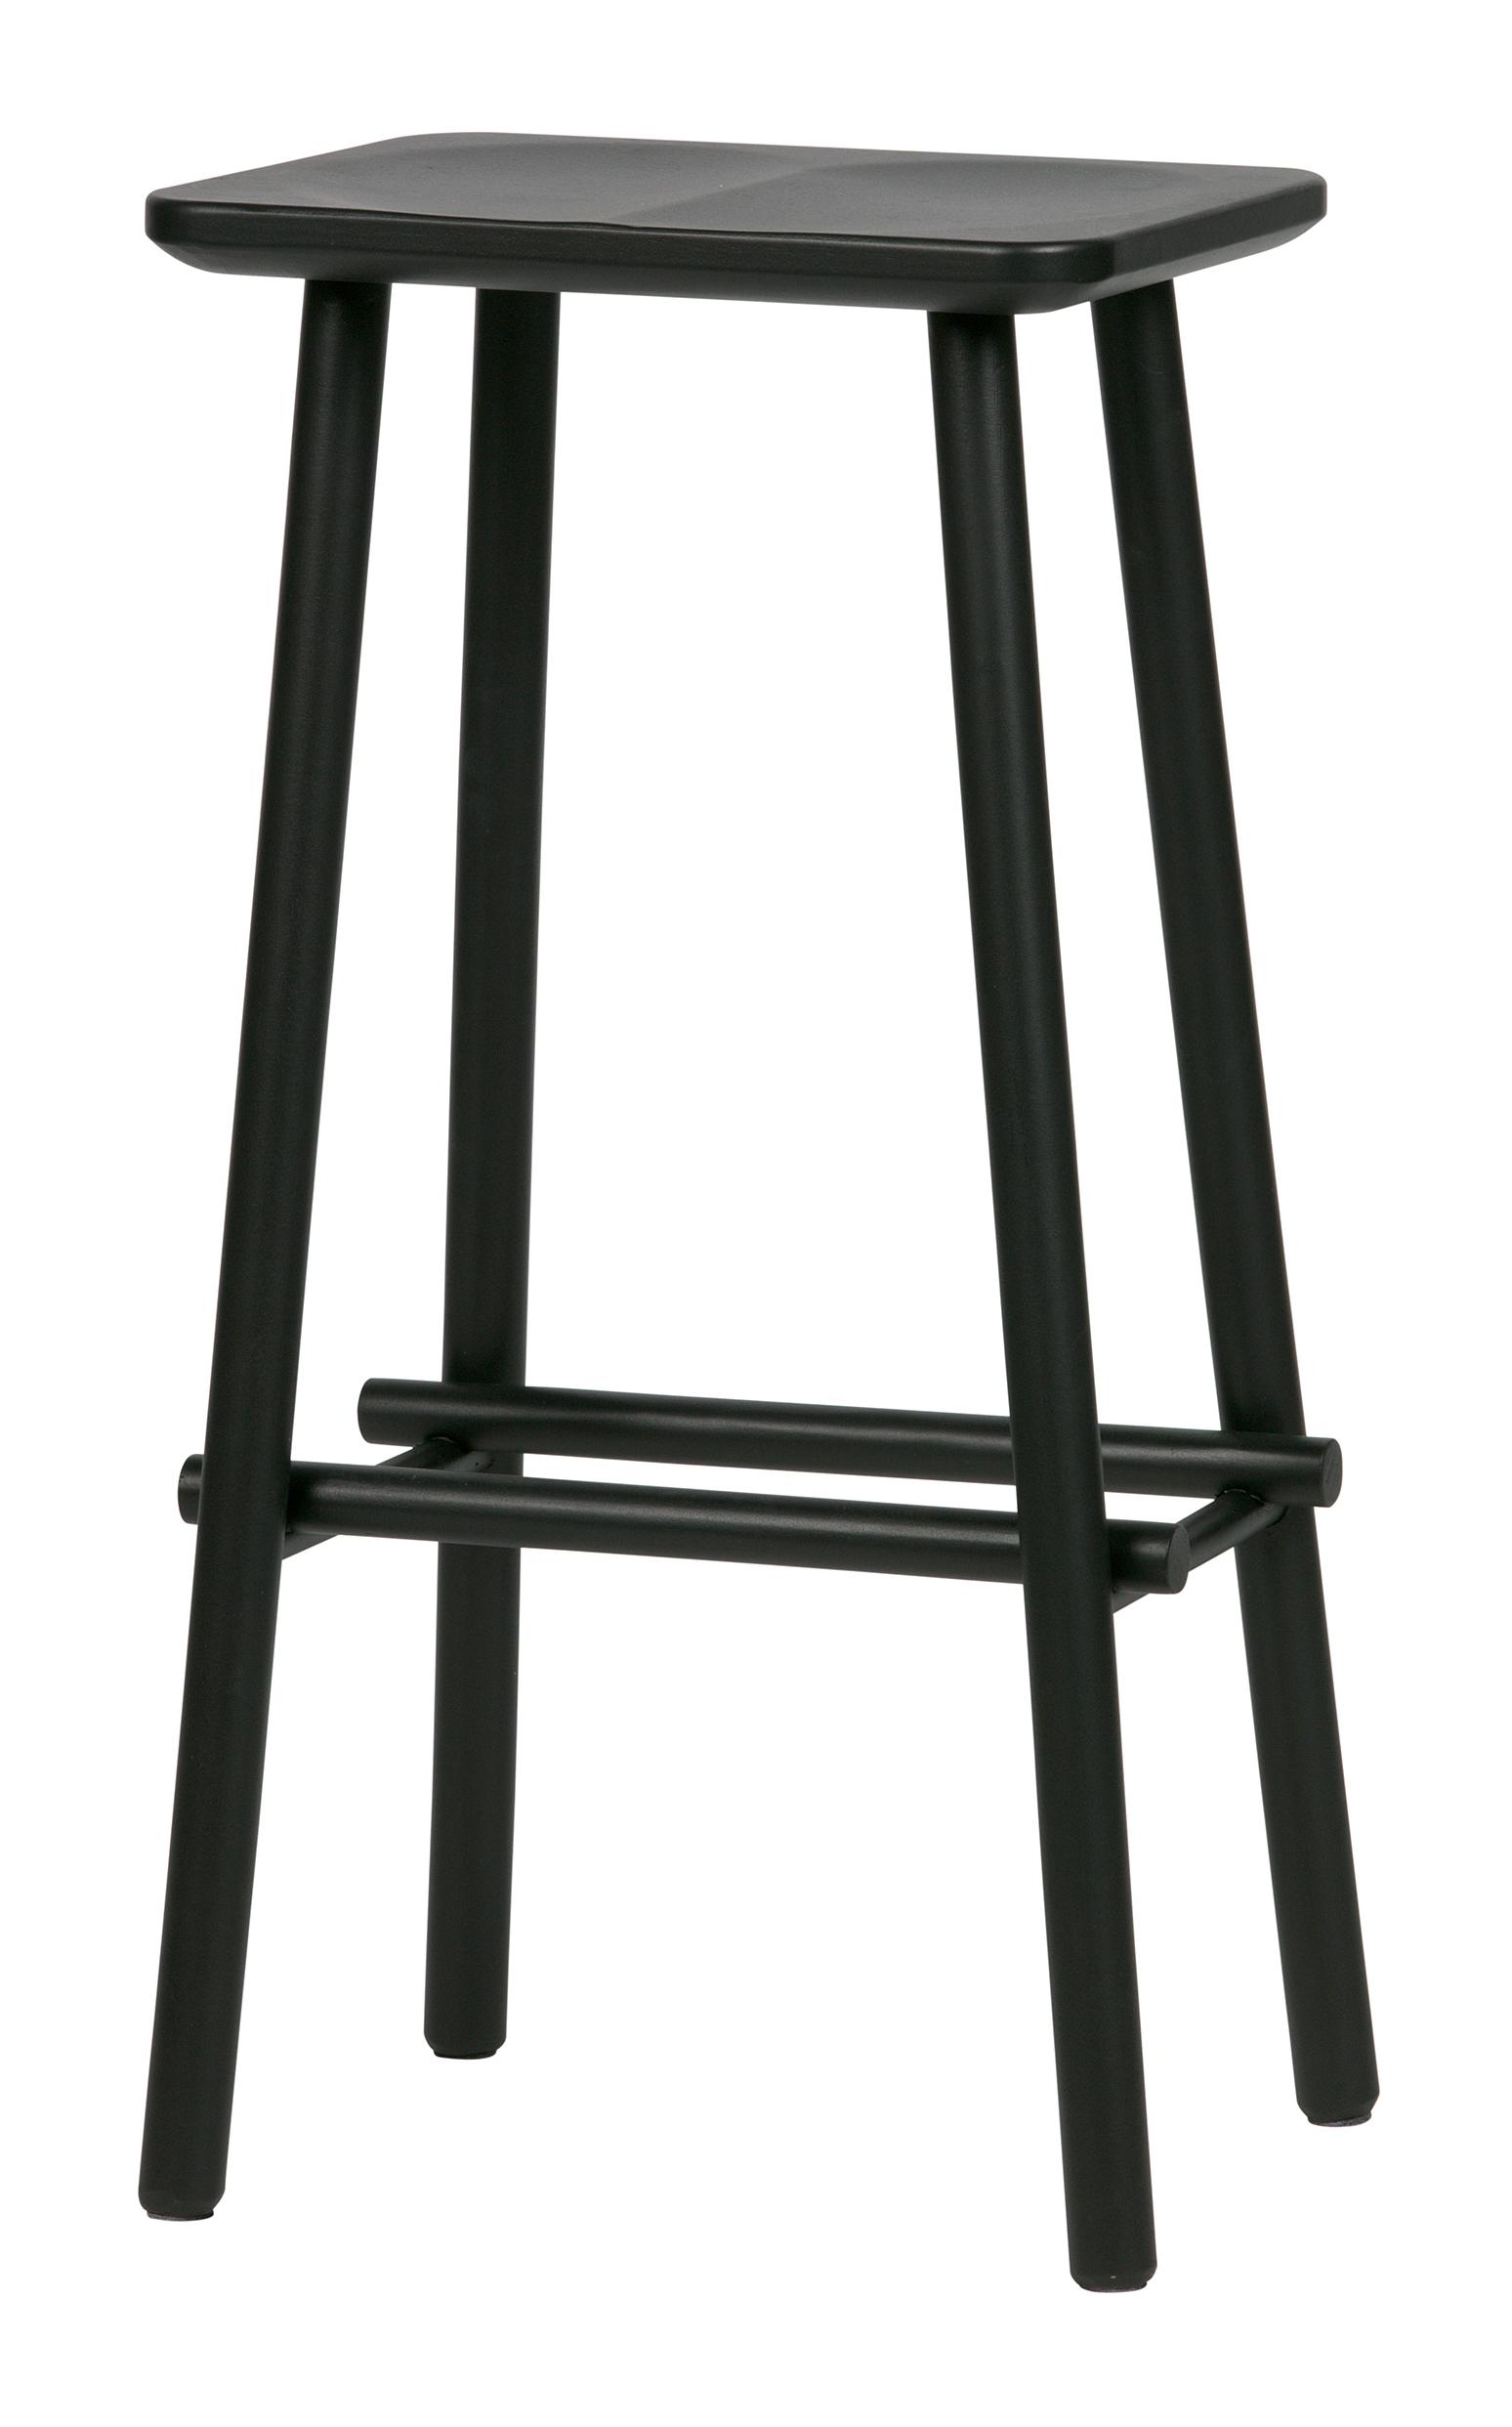 vtwonen Barkruk 'Butt', kleur Zwart